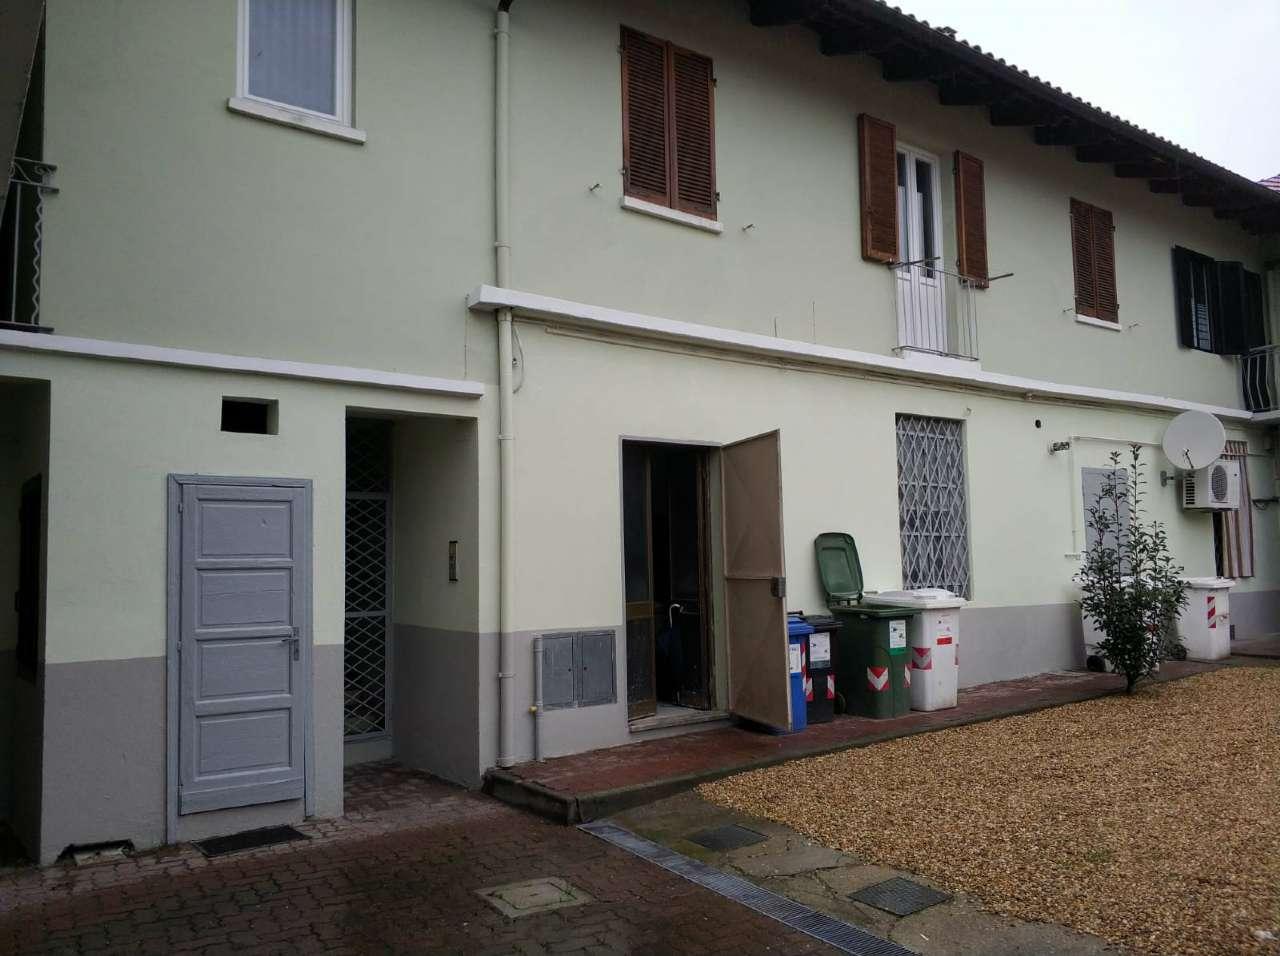 Appartamento in vendita a Trofarello, 2 locali, prezzo € 75.000 | CambioCasa.it